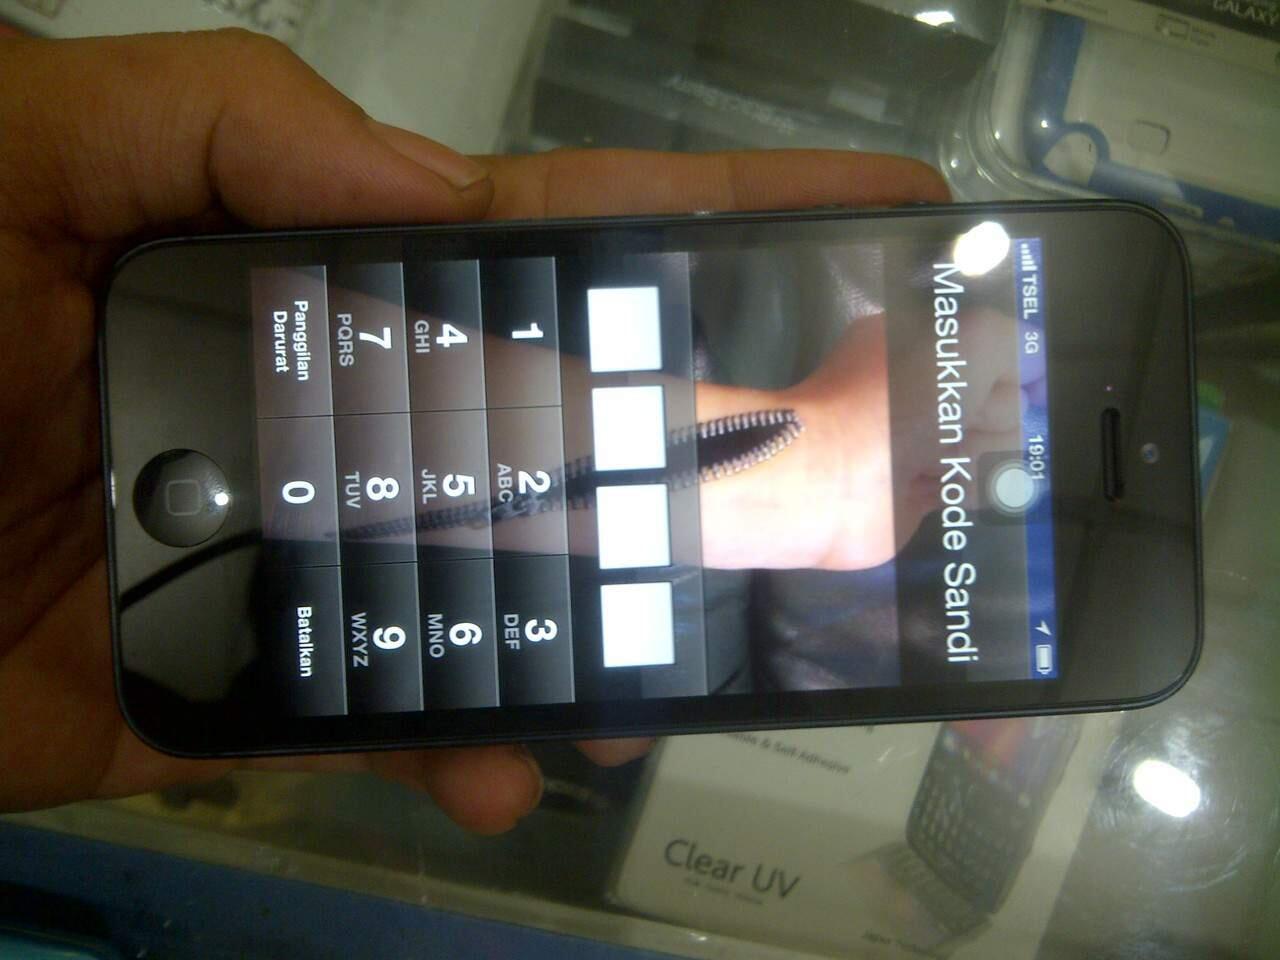 JUAL APPLE IPHONE 5S & 4S 16GB ASLI ORIGINAL + BARU + HRG DI JAMIN 100% MURAH